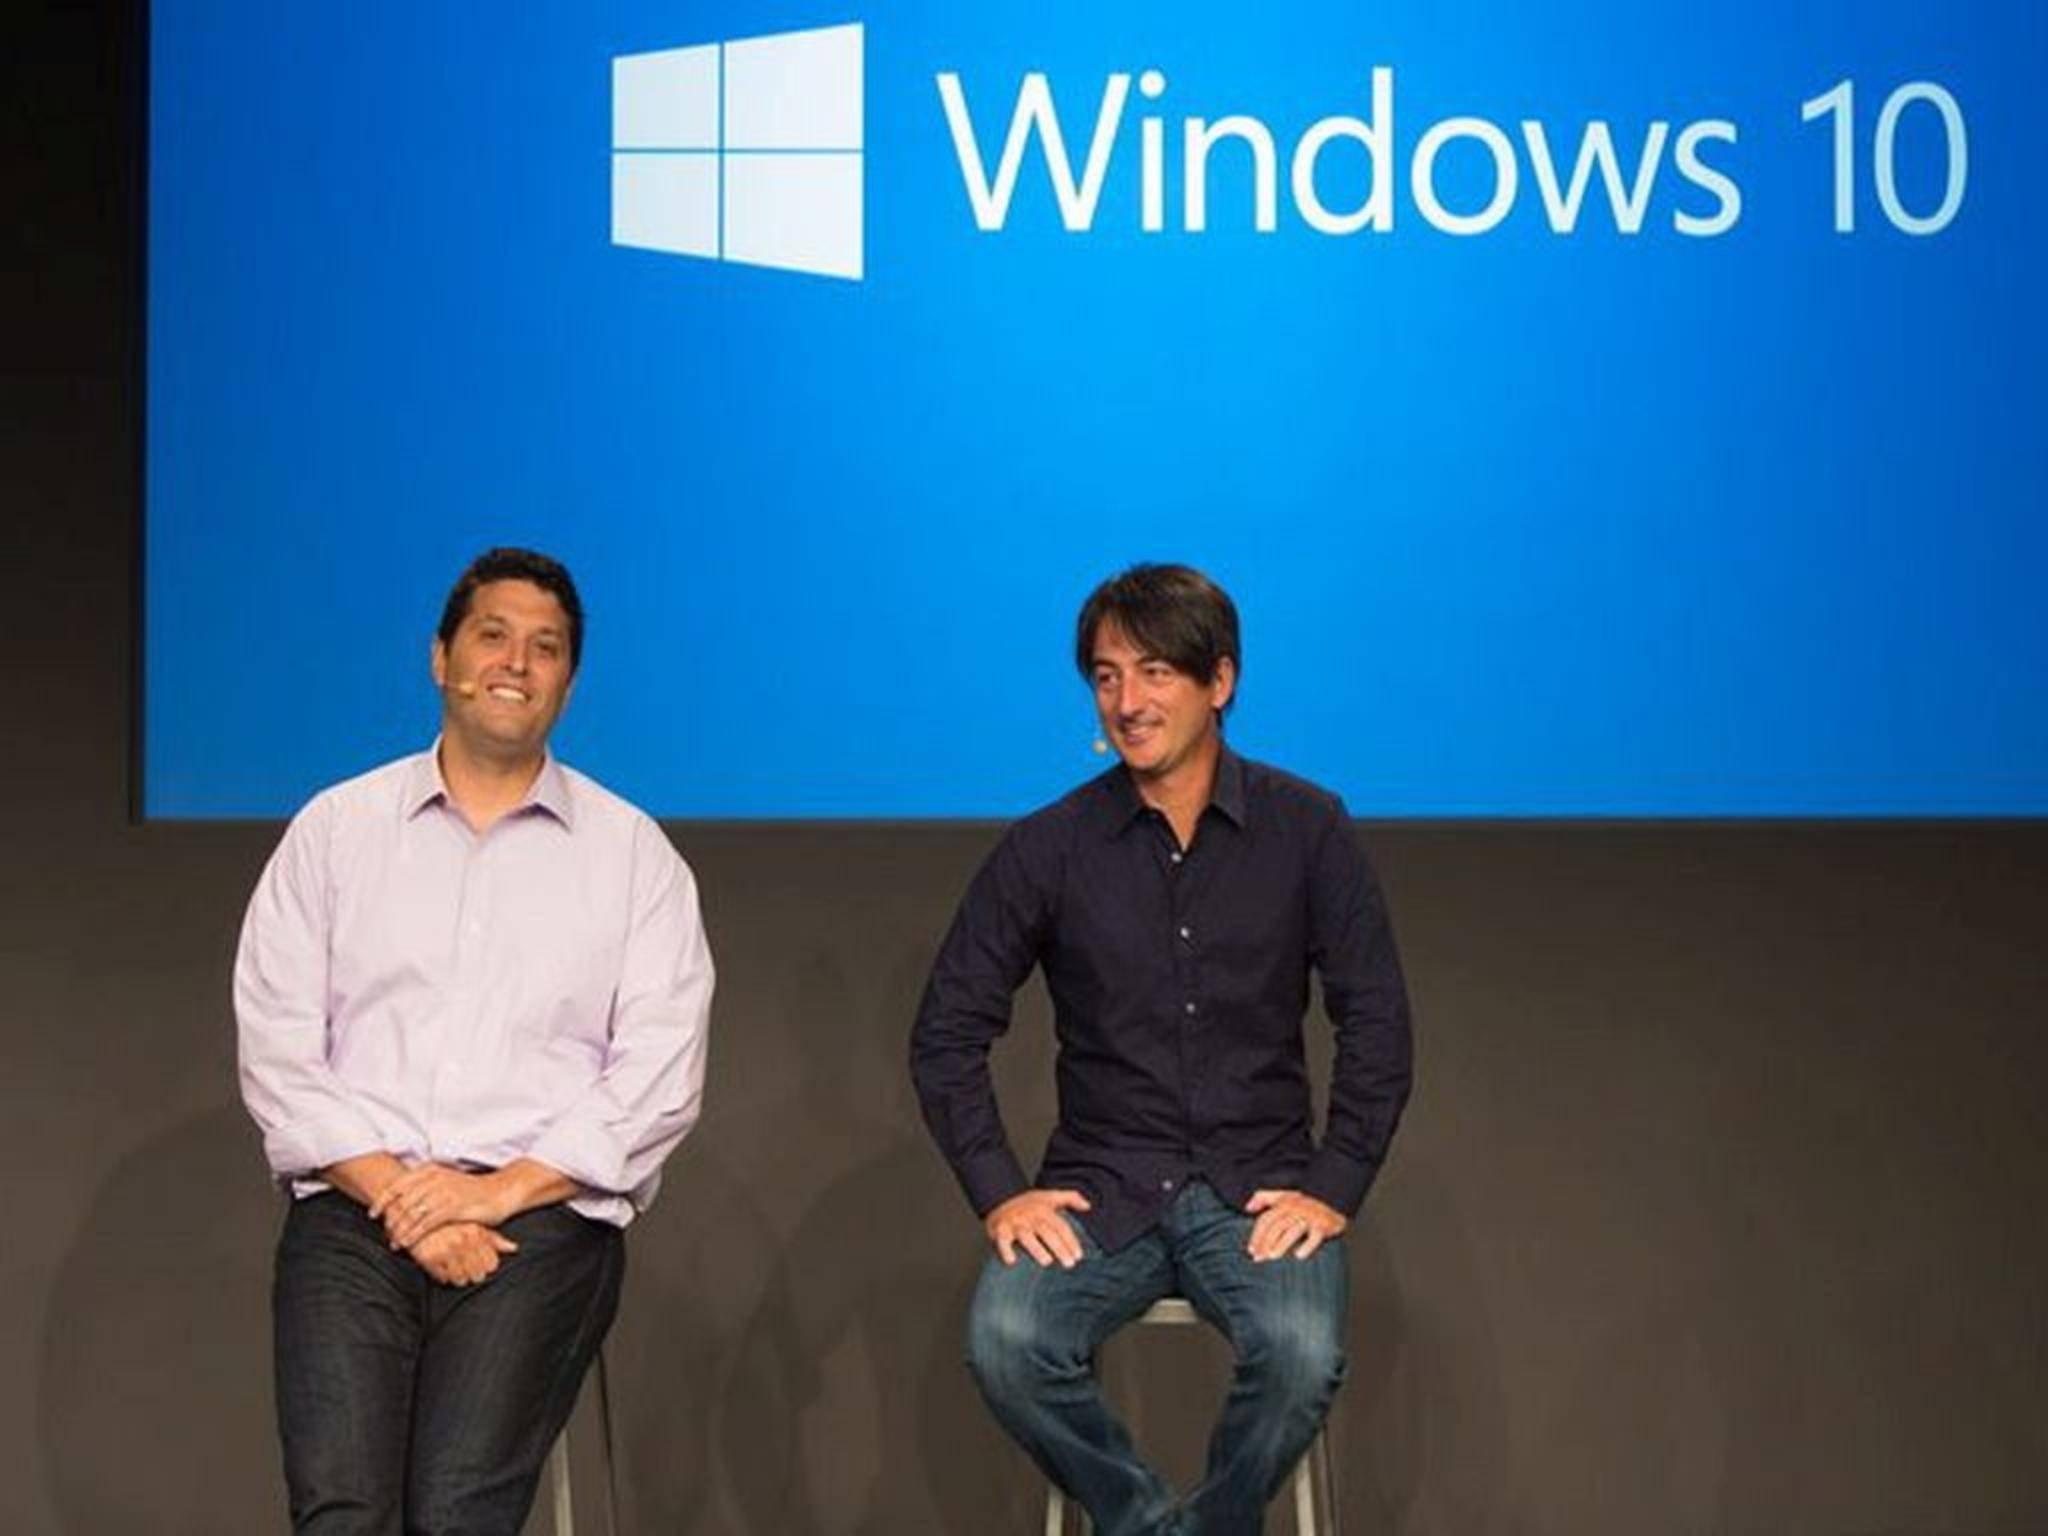 Windows 10: Lange vor Release wurden jetzt neue Infos bekannt.